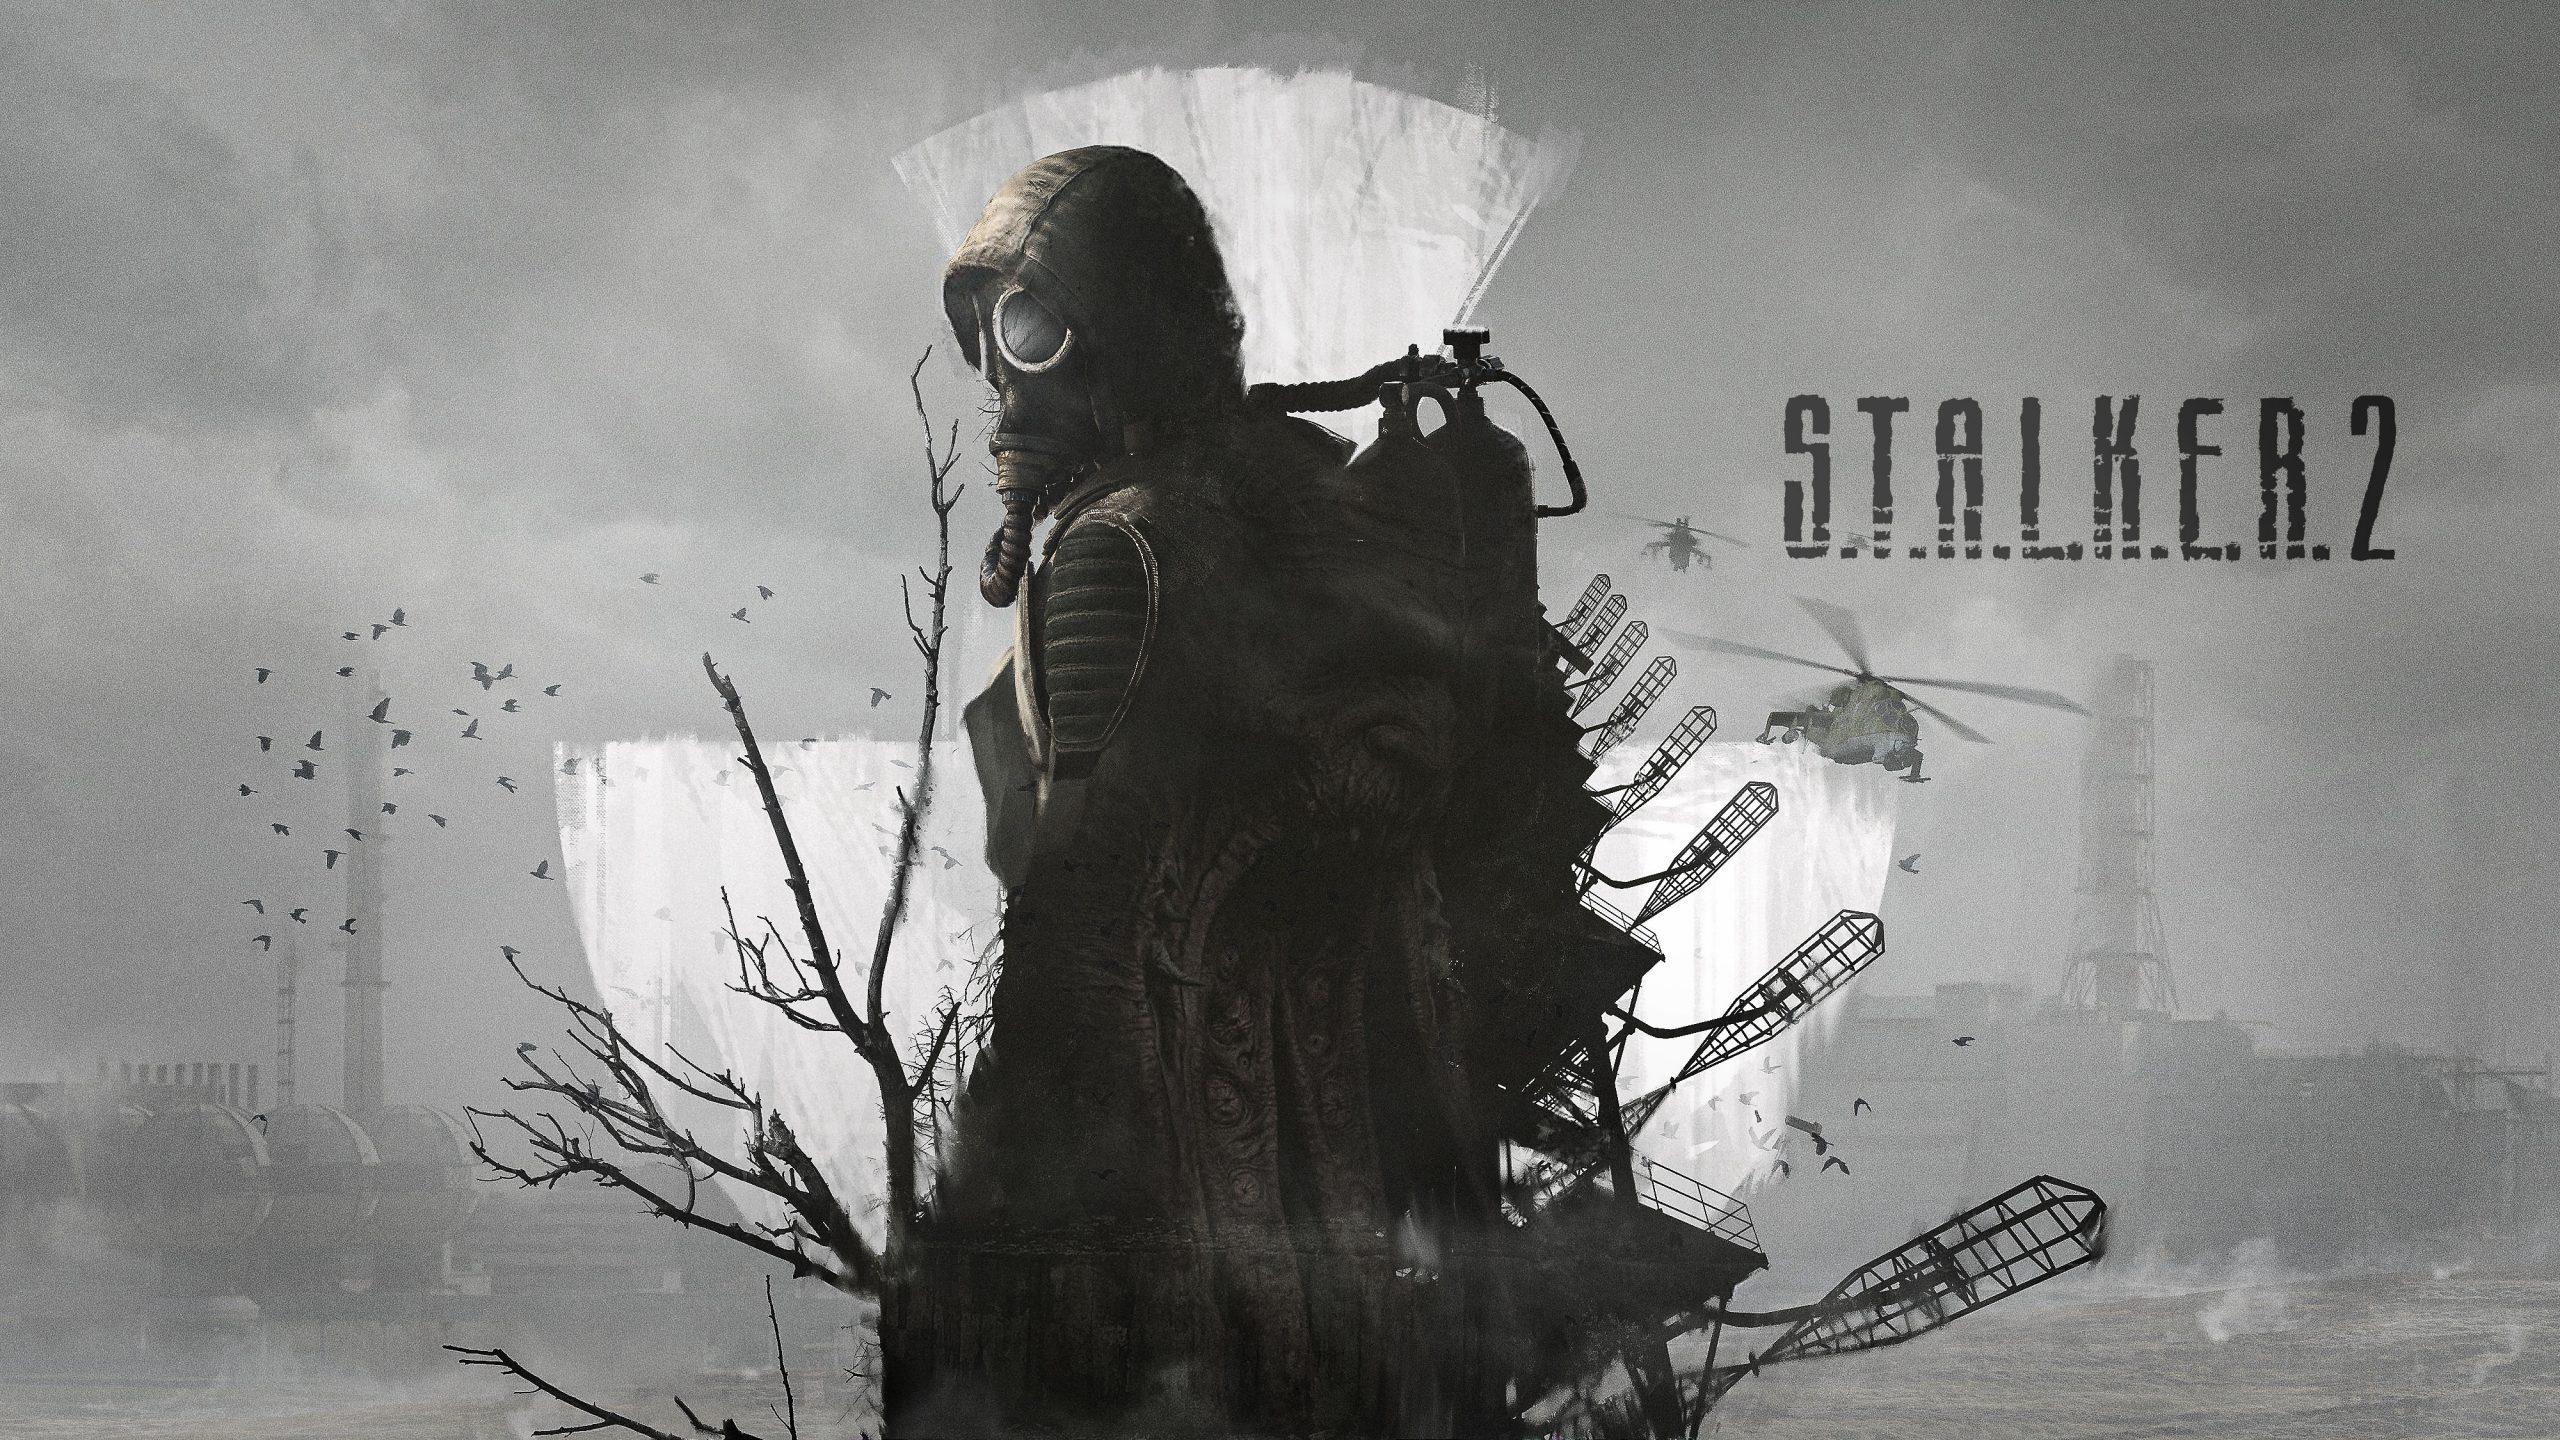 Stalker 2 Heart of Chernobyl 2021: Todo lo que sabemos sobre el juego radioactivo de XBOX